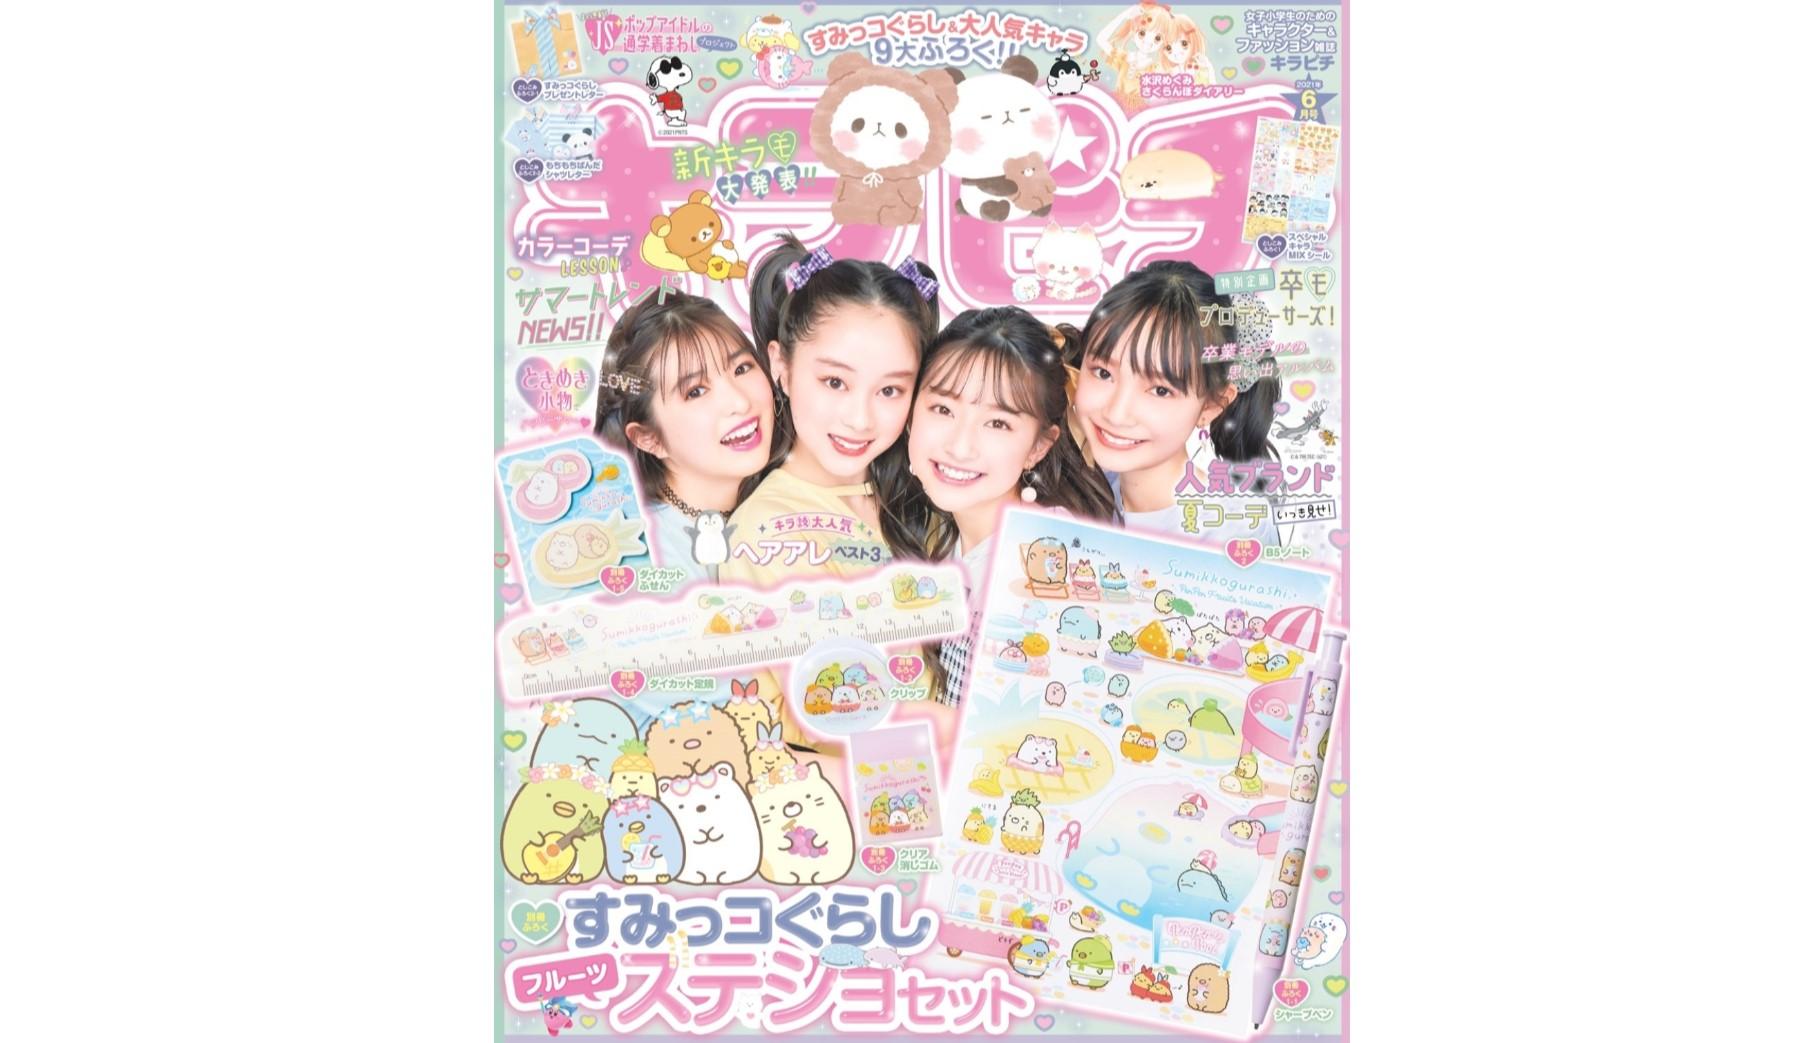 【メディア掲載情報】女子小学生向け雑誌「キラピチ」6月号にdevirock商品が掲載されました。